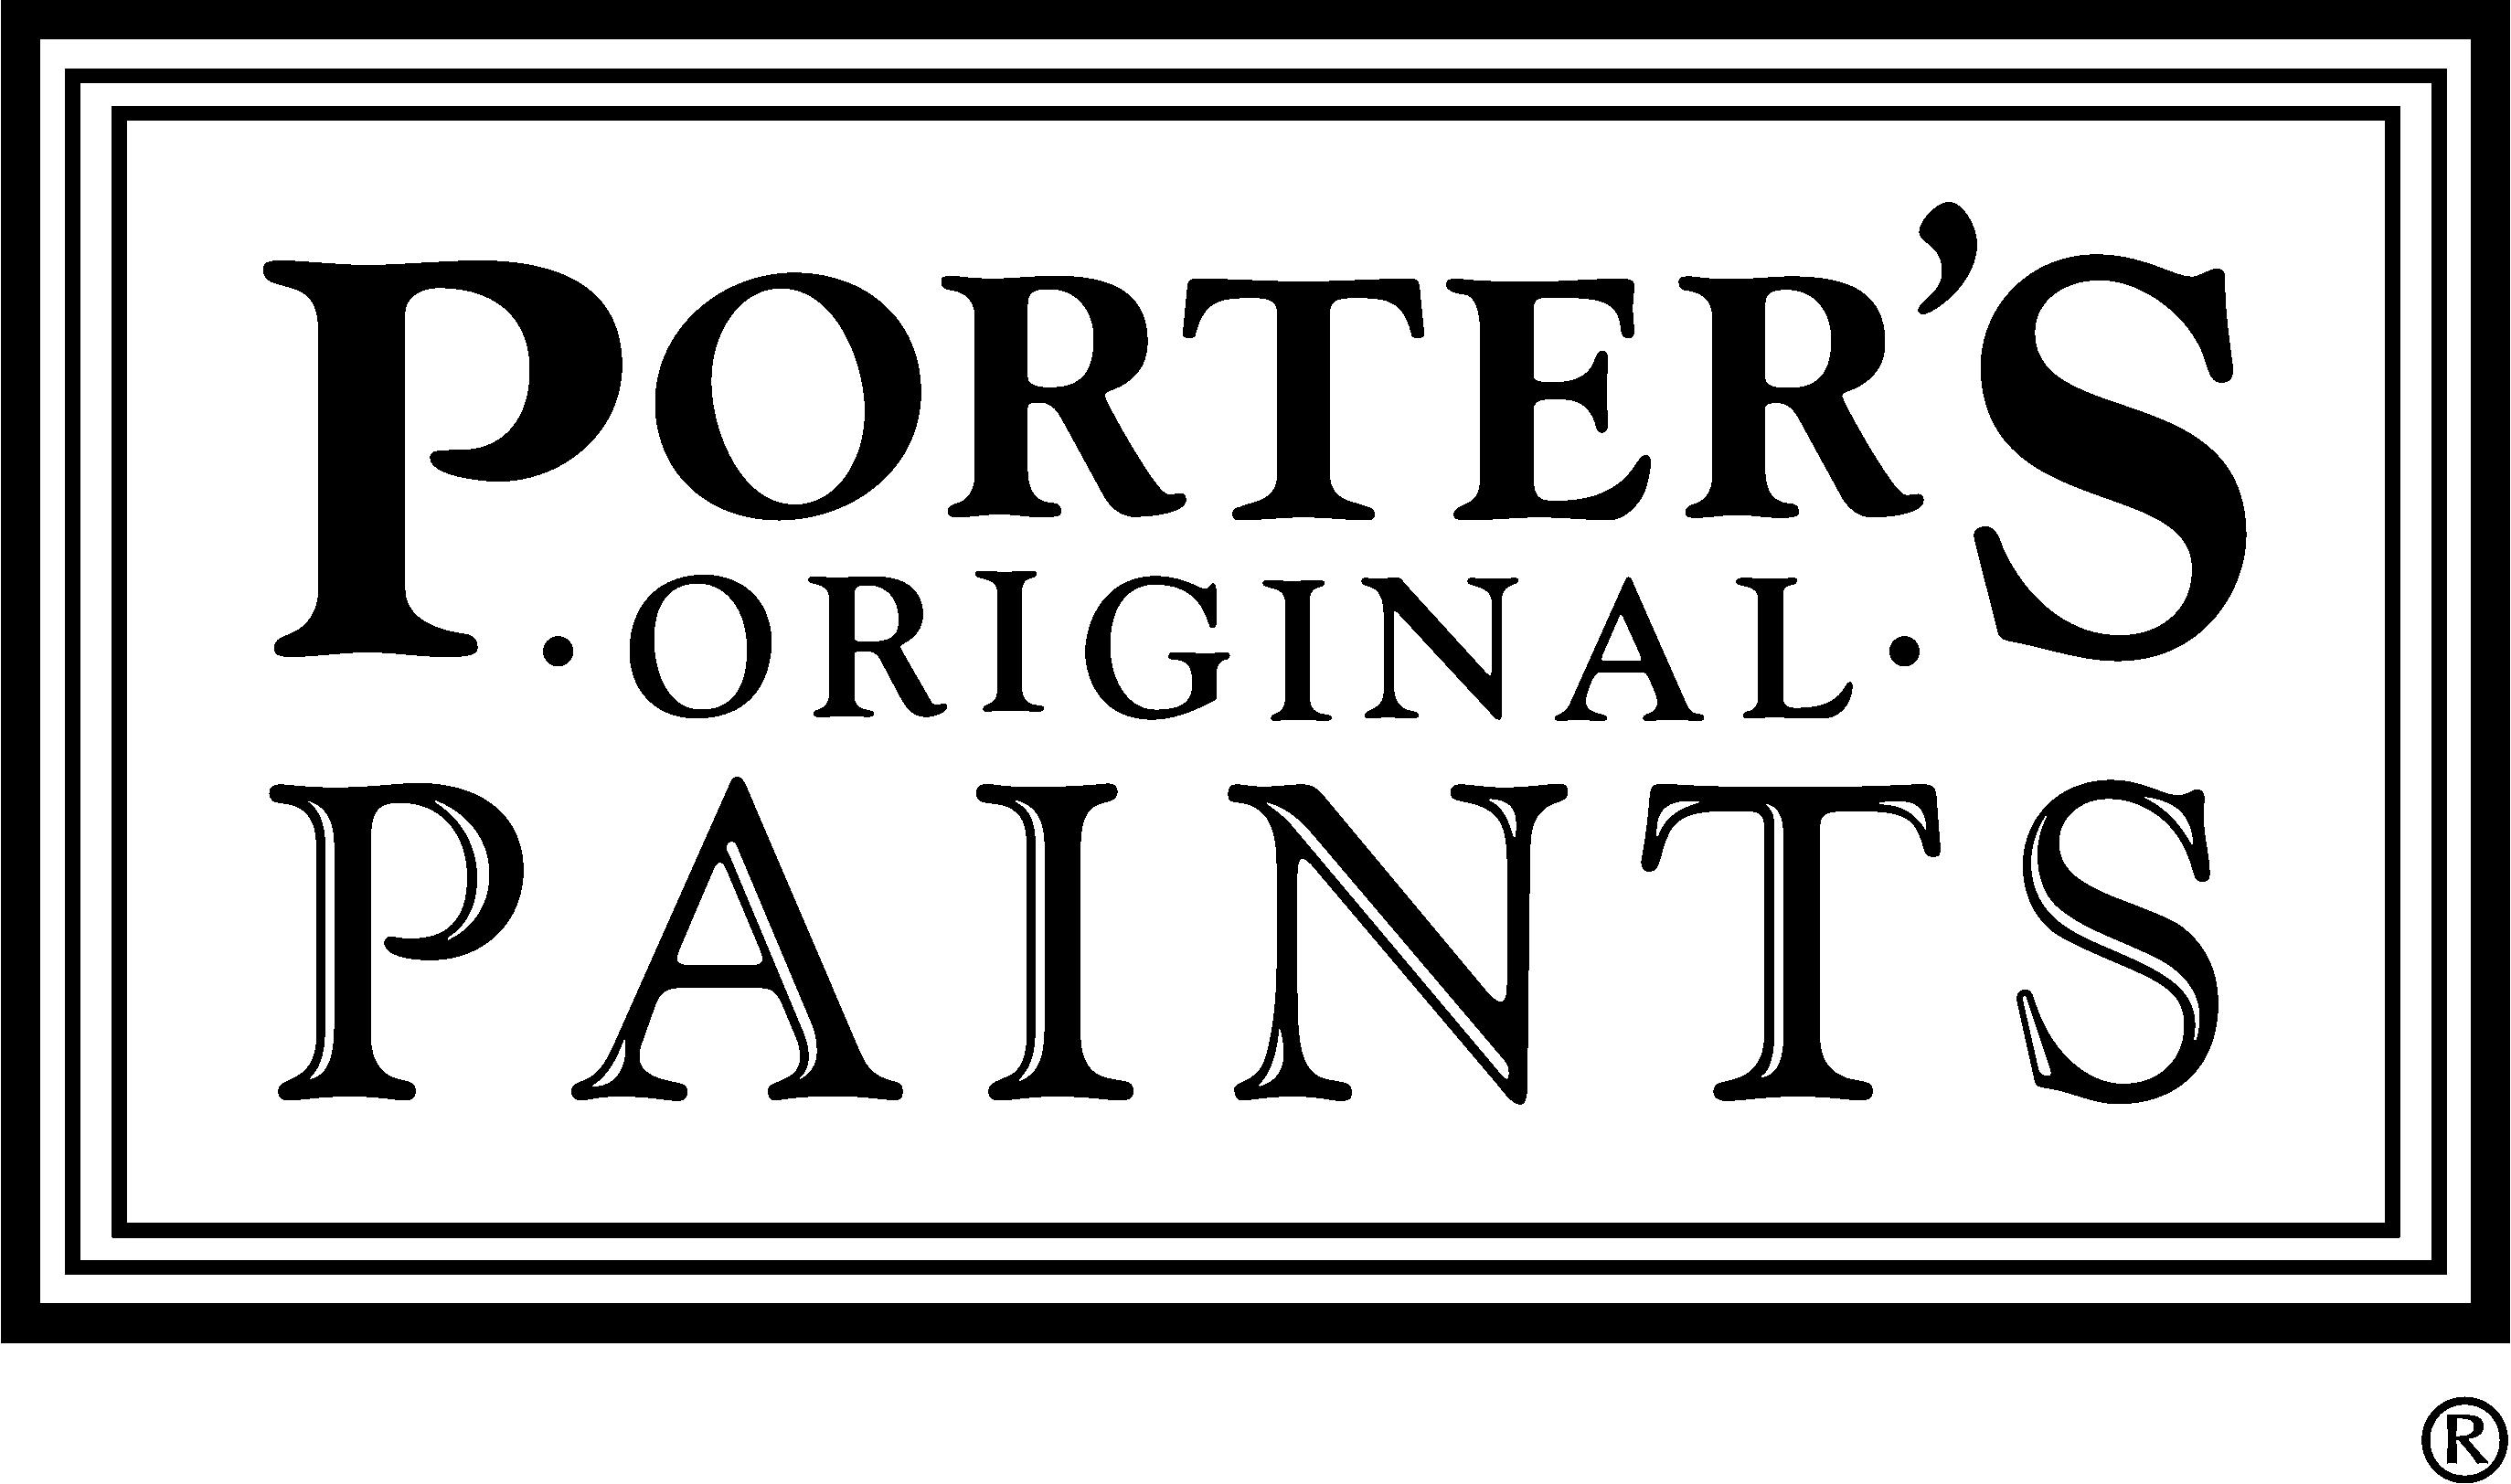 Porter's Paints logo